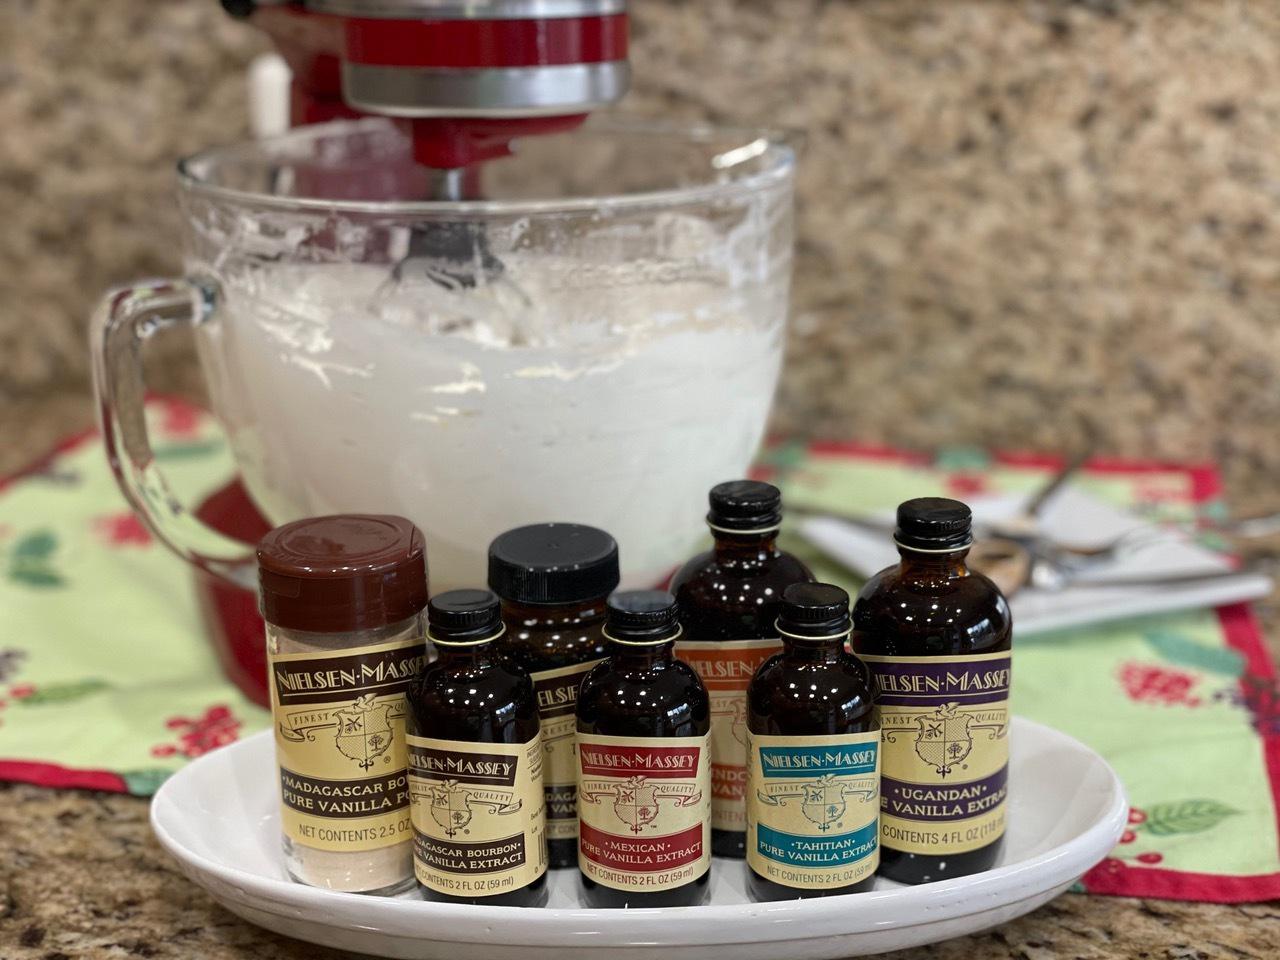 varieties of vanilla